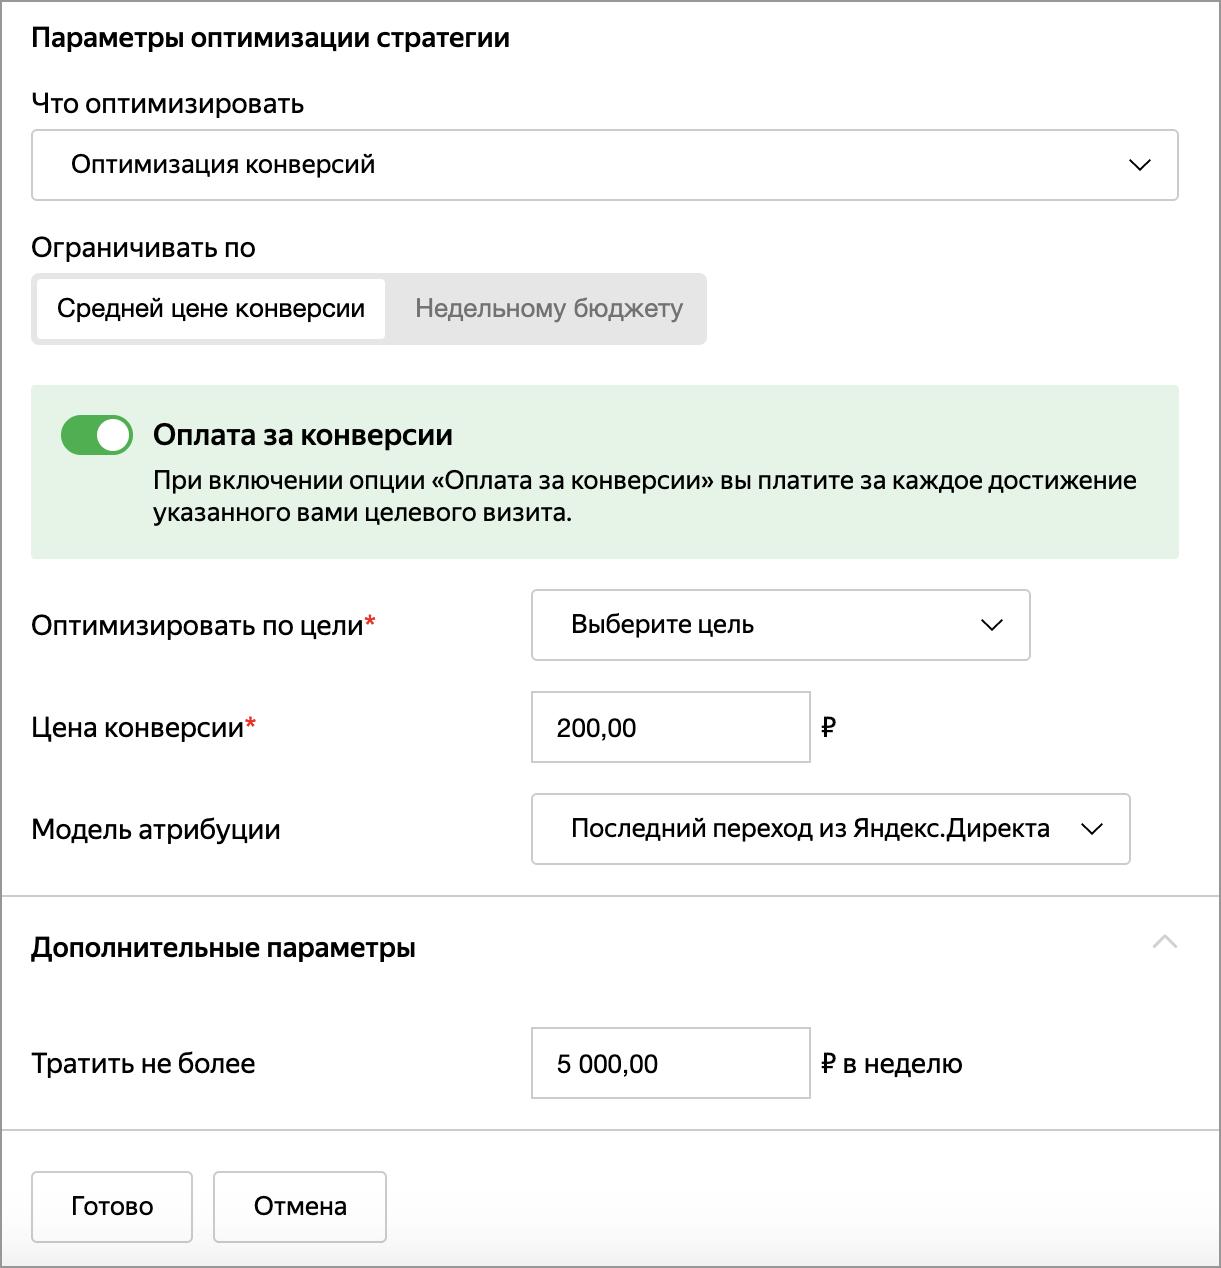 Яндекс Директ запустил оплату за конверсии